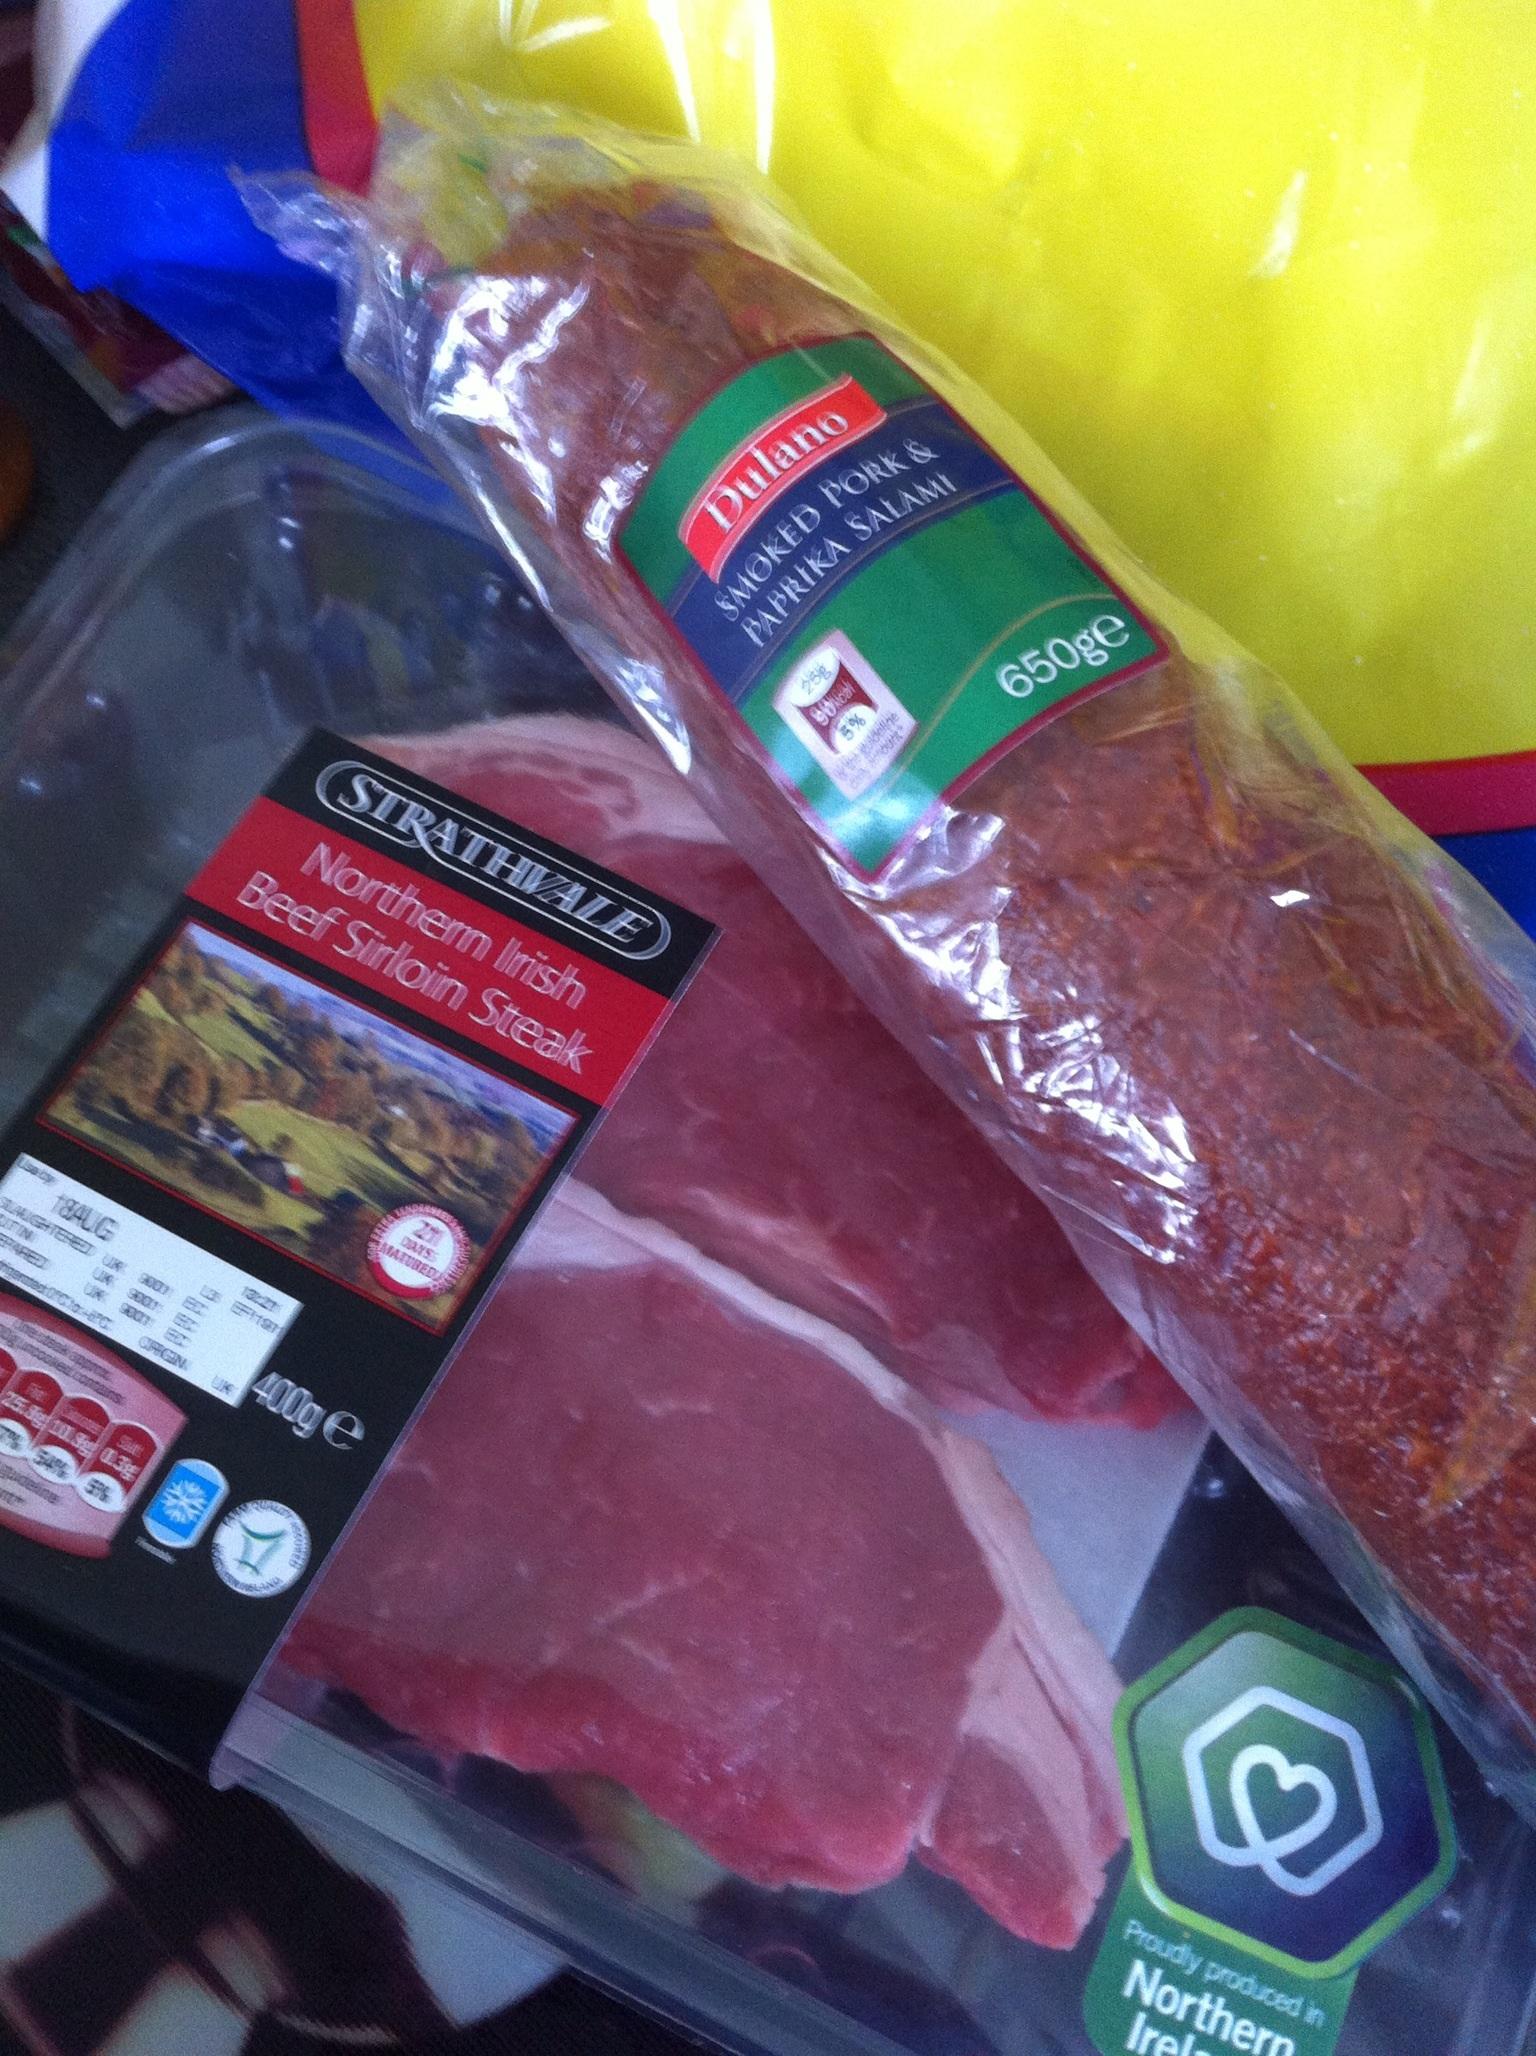 sirloin steaks £6.59.   Salami £4.49